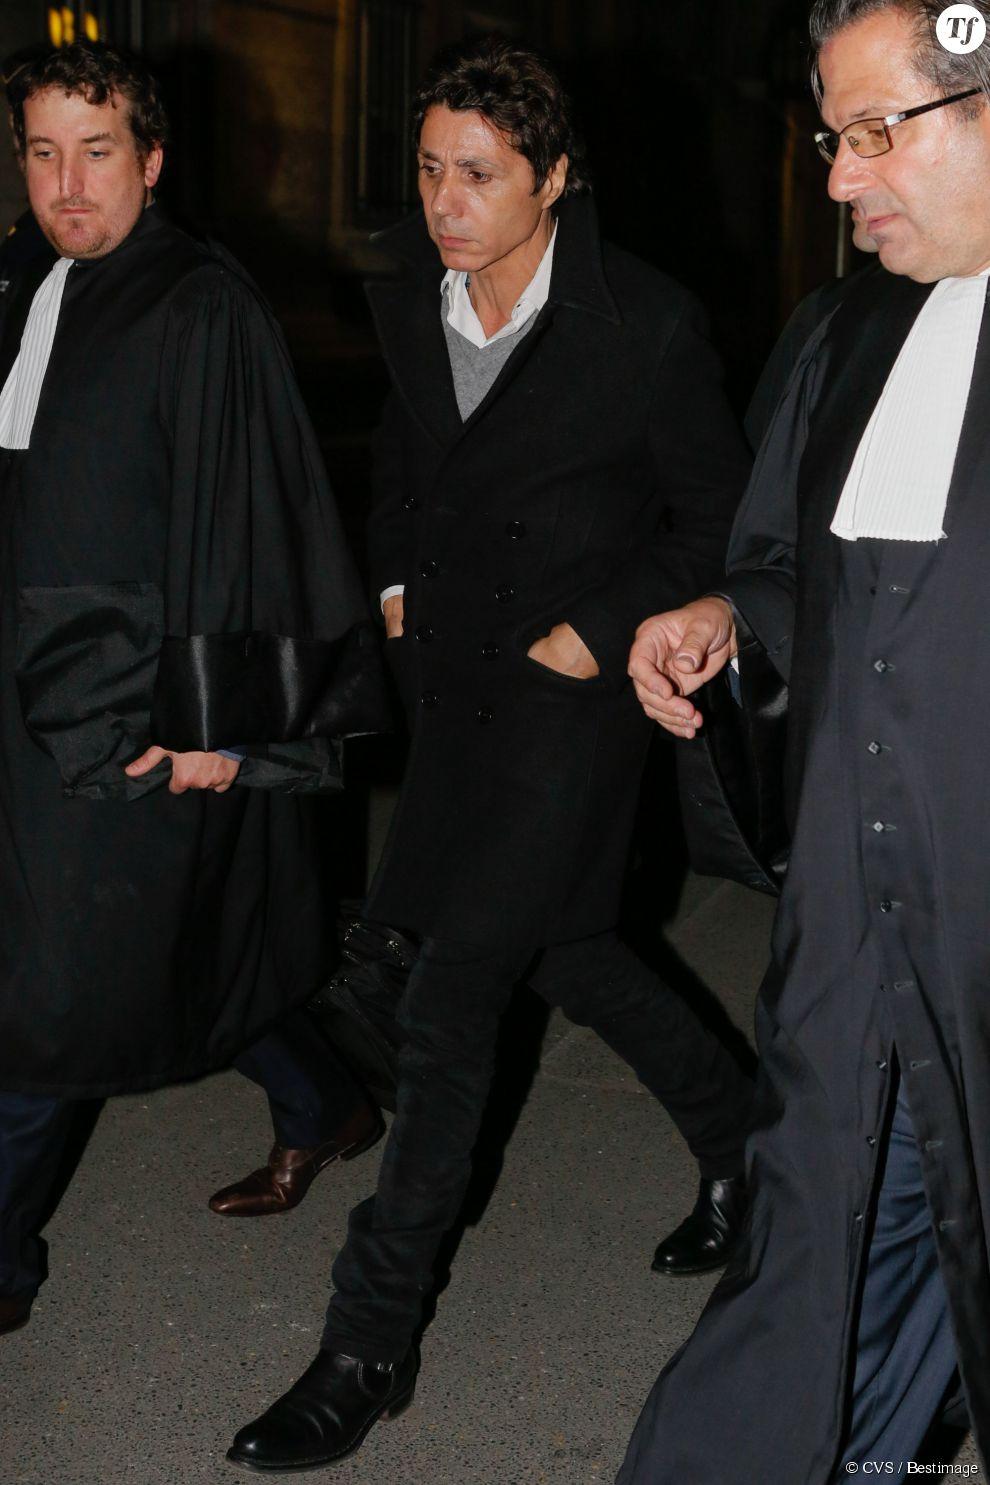 Jean-Luc Lahaye quitte le palais de justice de Paris le 23 mars 2015. Le parquet a requis deux ans de prison avec sursis contre le chanteur, jugé par le tribunal correctionnel de Paris pour corruption de mineure de moins de 15 ans.